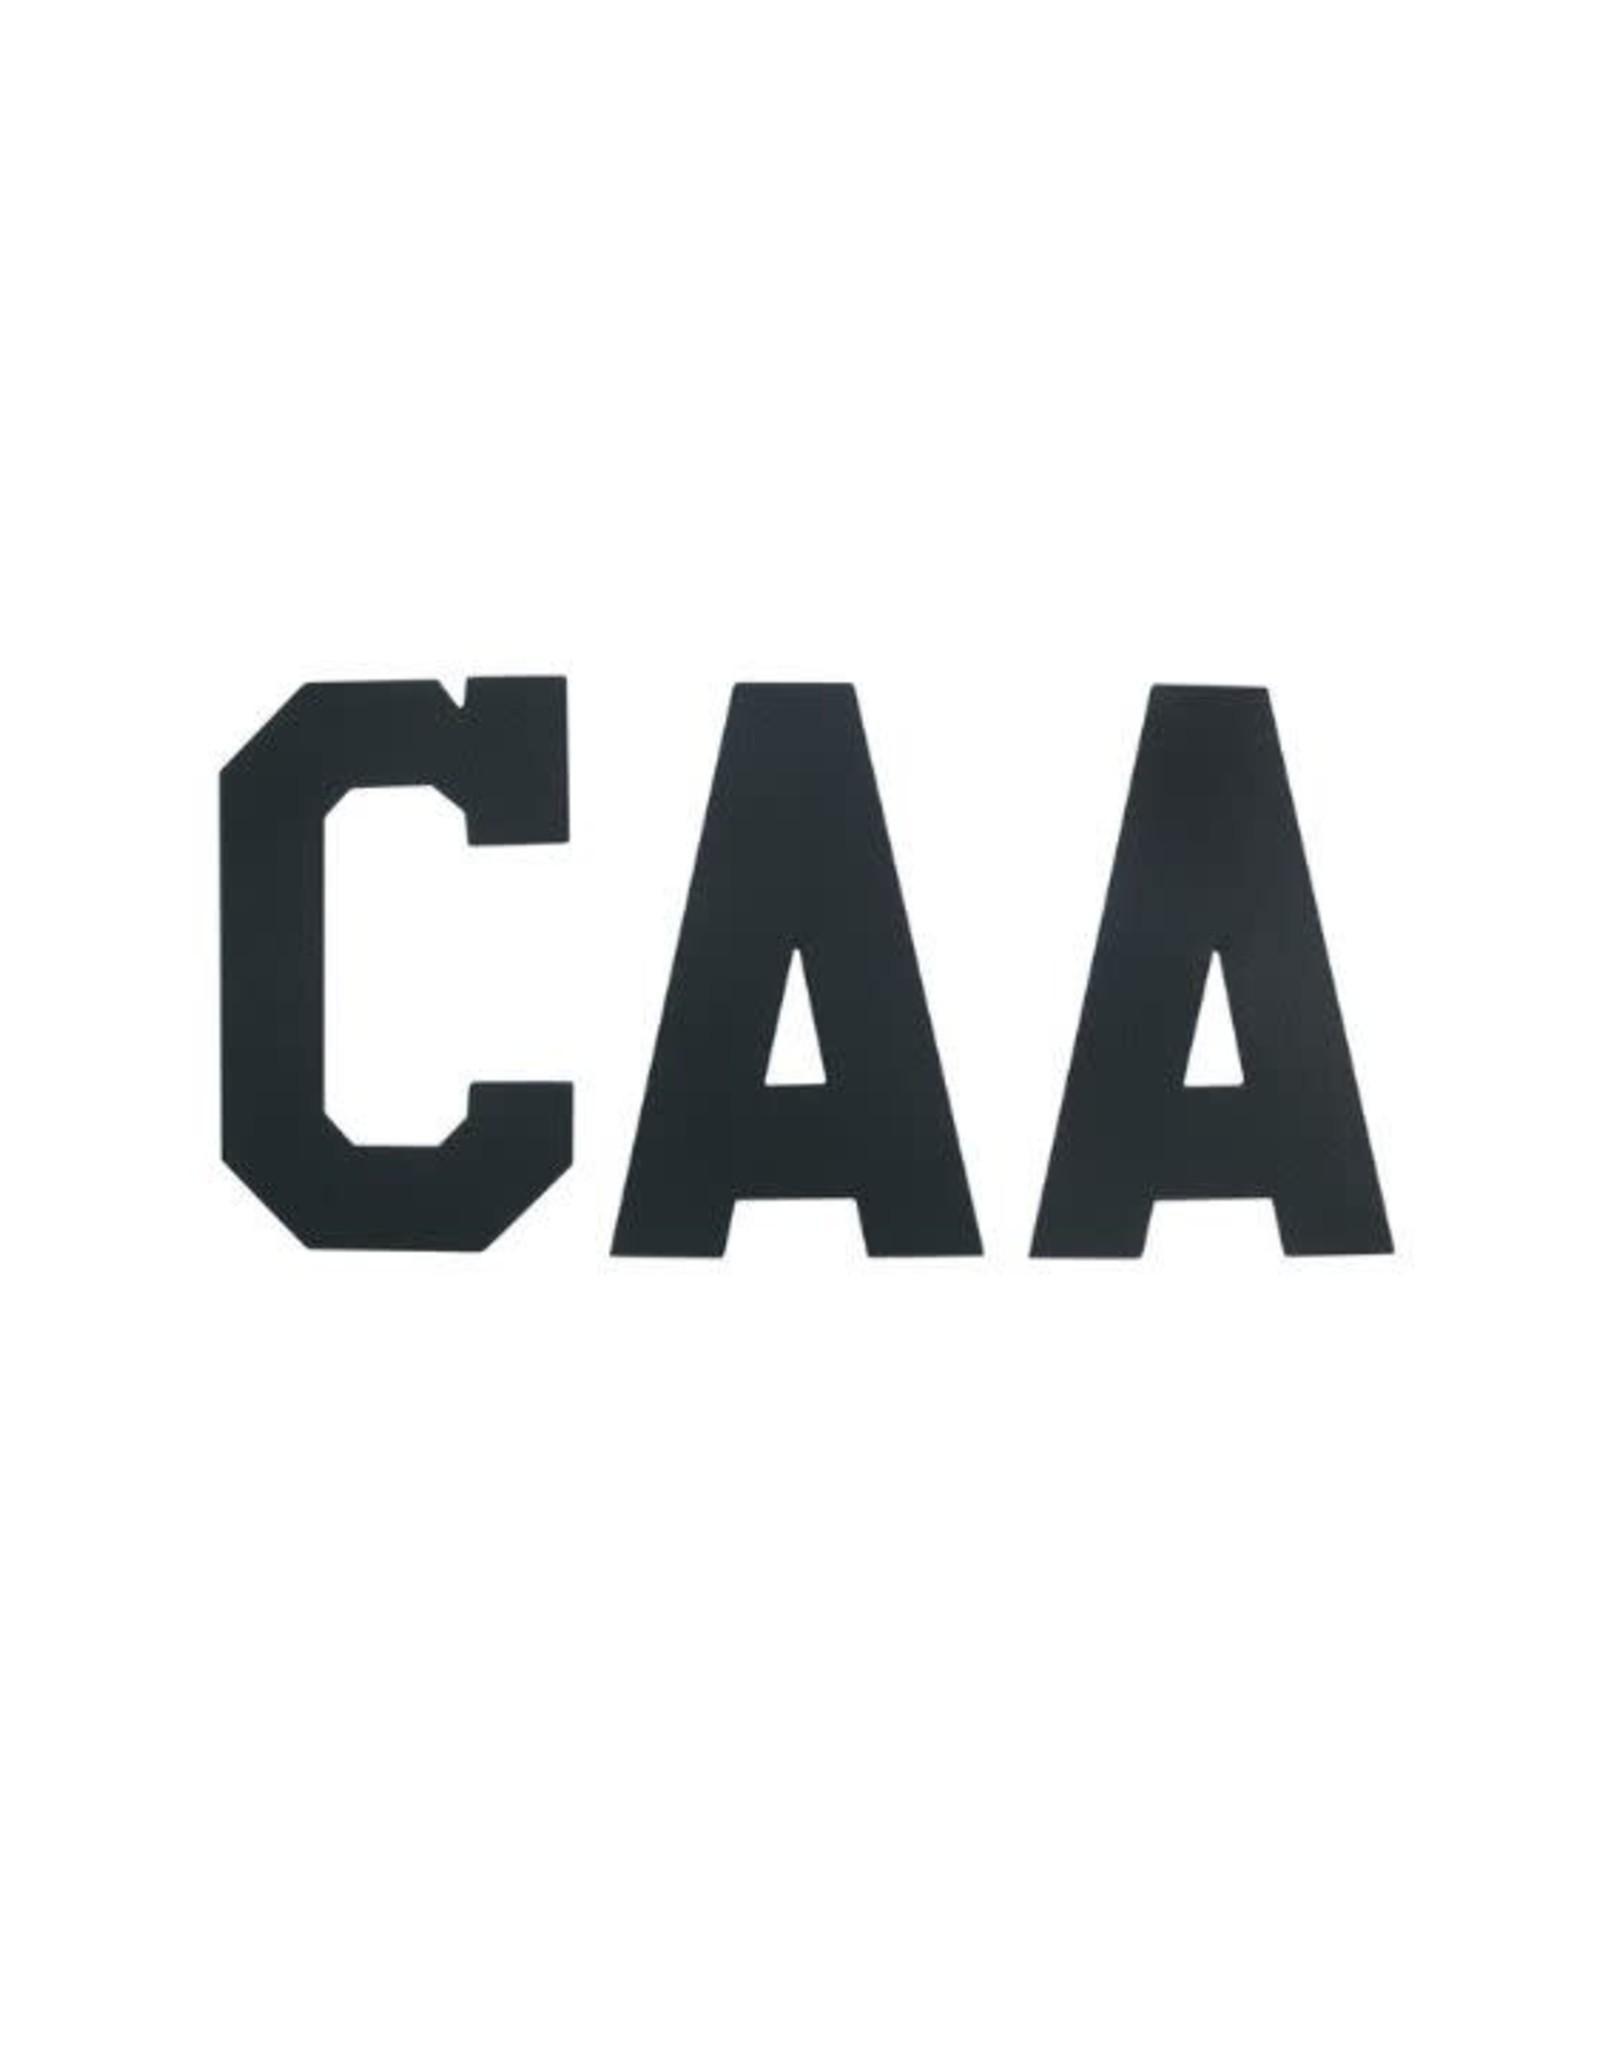 A&R A&R Captain Letters (BLACK)